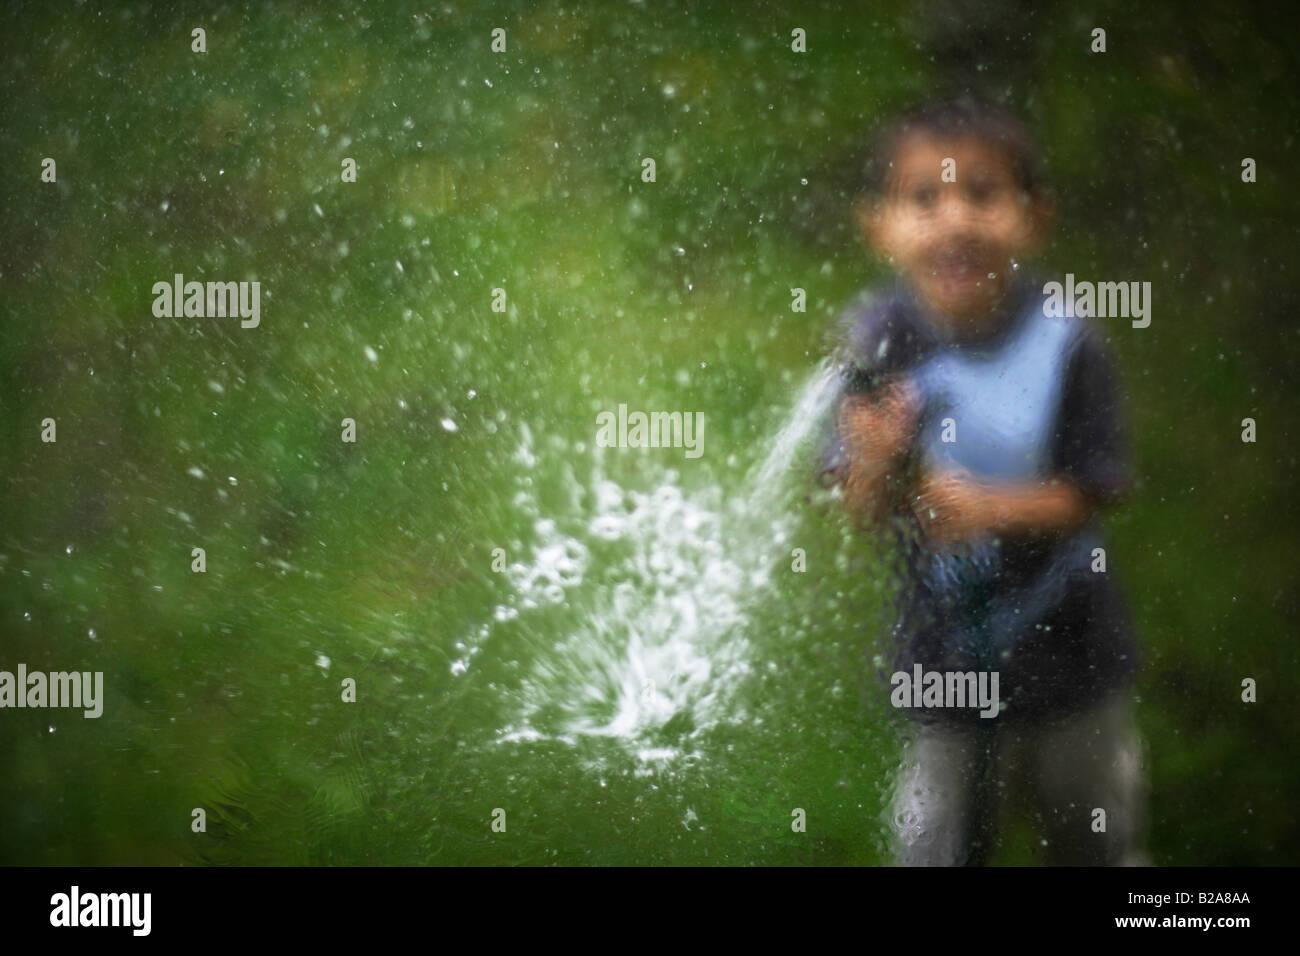 Tubo flessibile spruzzata in una finestra di vetro 6 anno vecchio ragazzo razza mista indiano caucasico etnica Immagini Stock